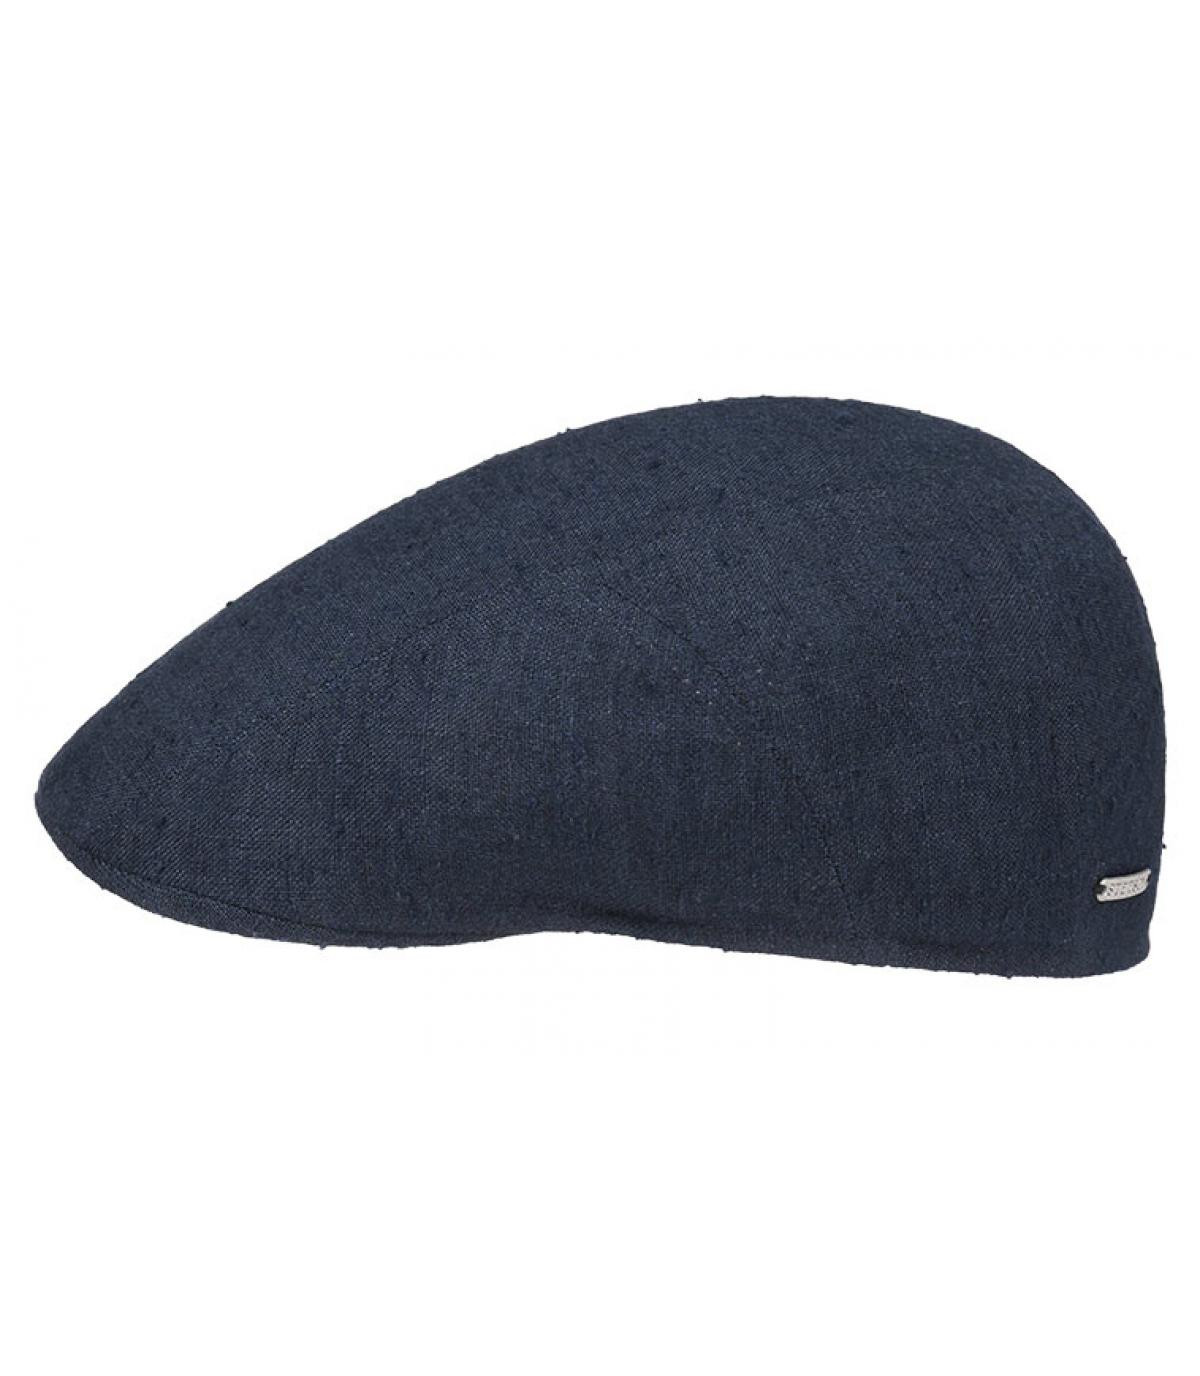 Détails Ivy cap lin soie navy - image 2